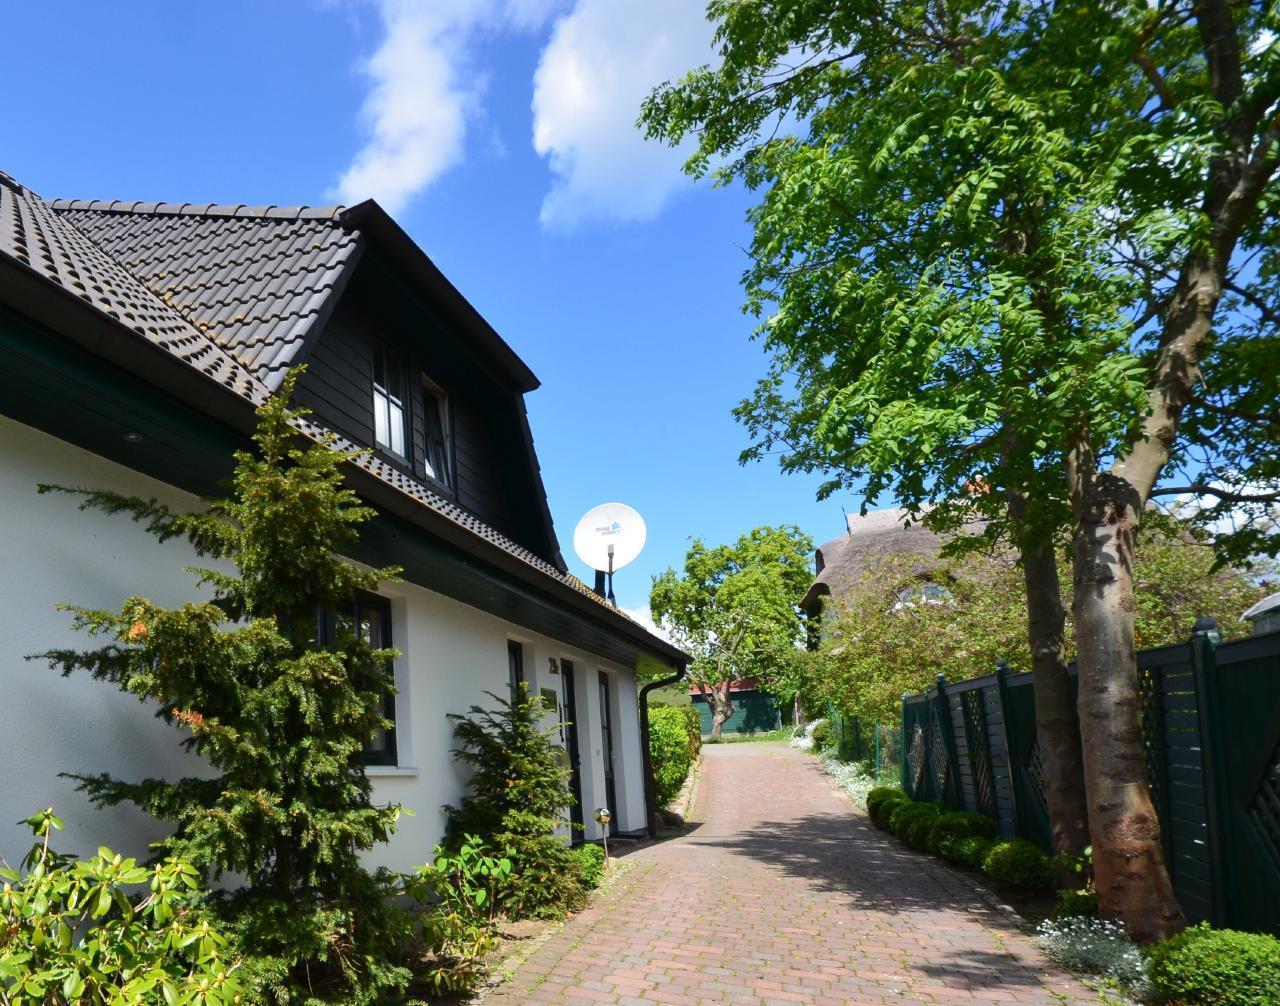 Ferienhaus Haus Komoran (127754), Groß Zicker, Rügen, Mecklenburg-Vorpommern, Deutschland, Bild 34